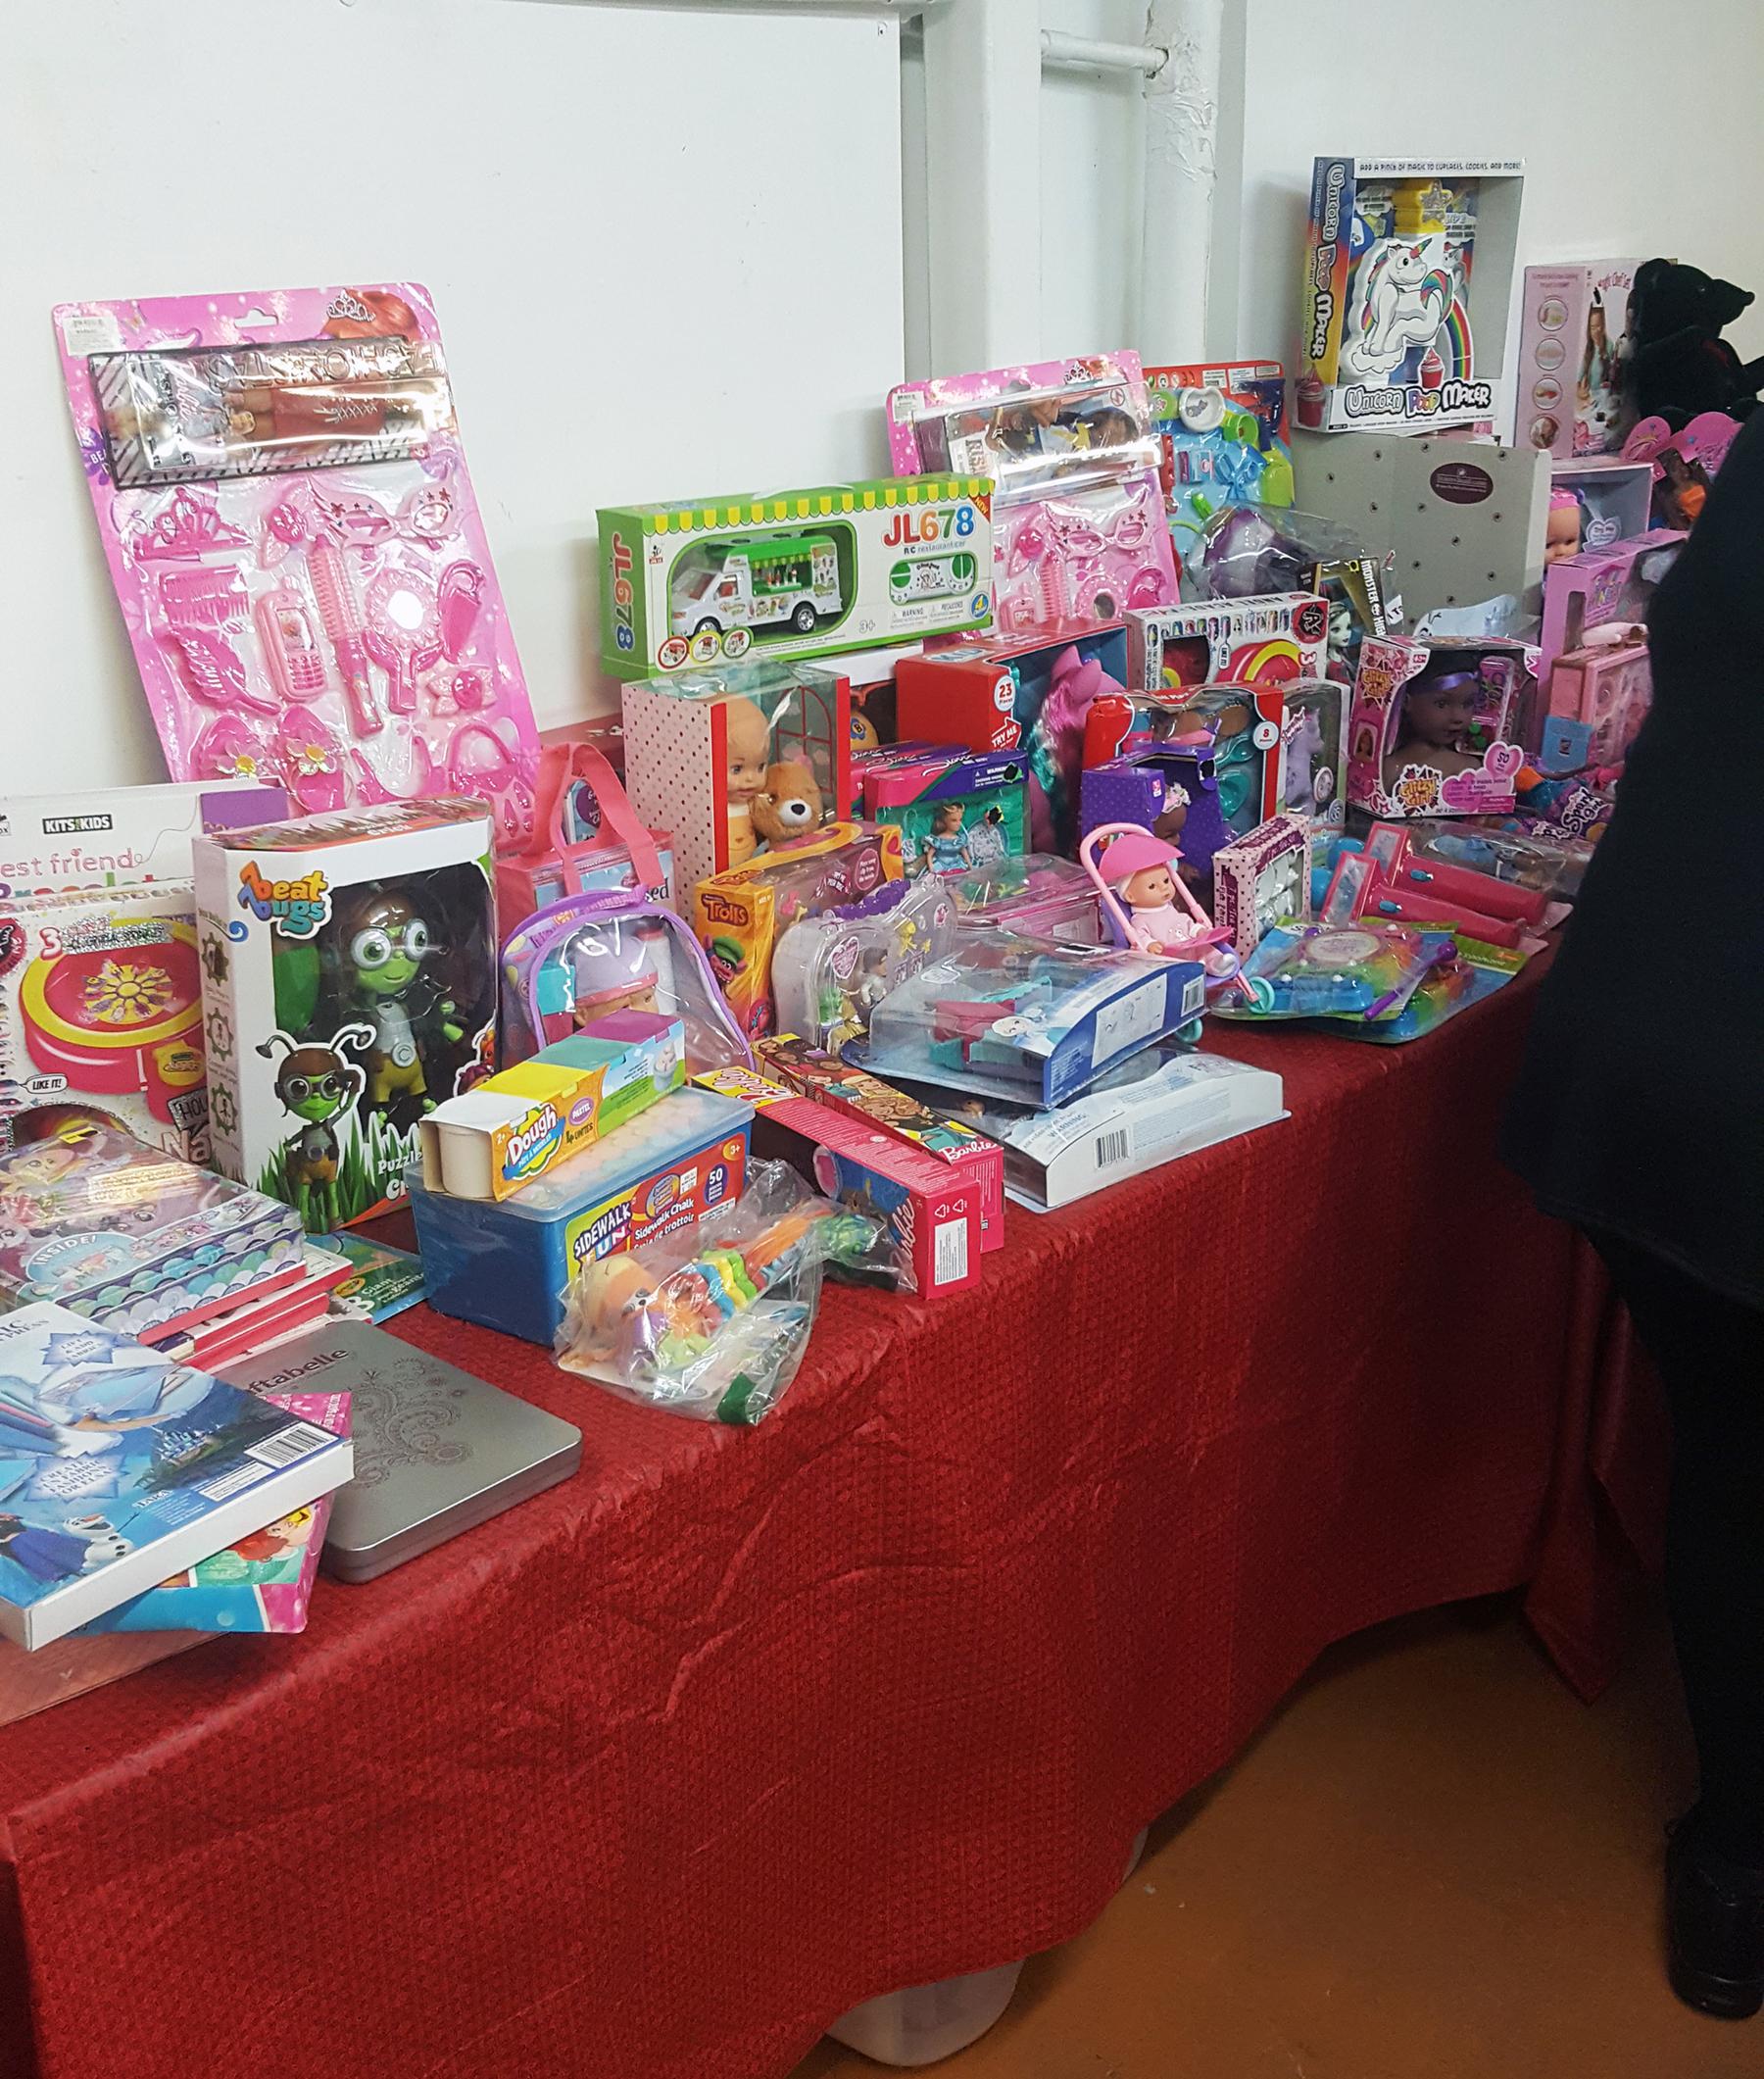 2018.12.19 toys